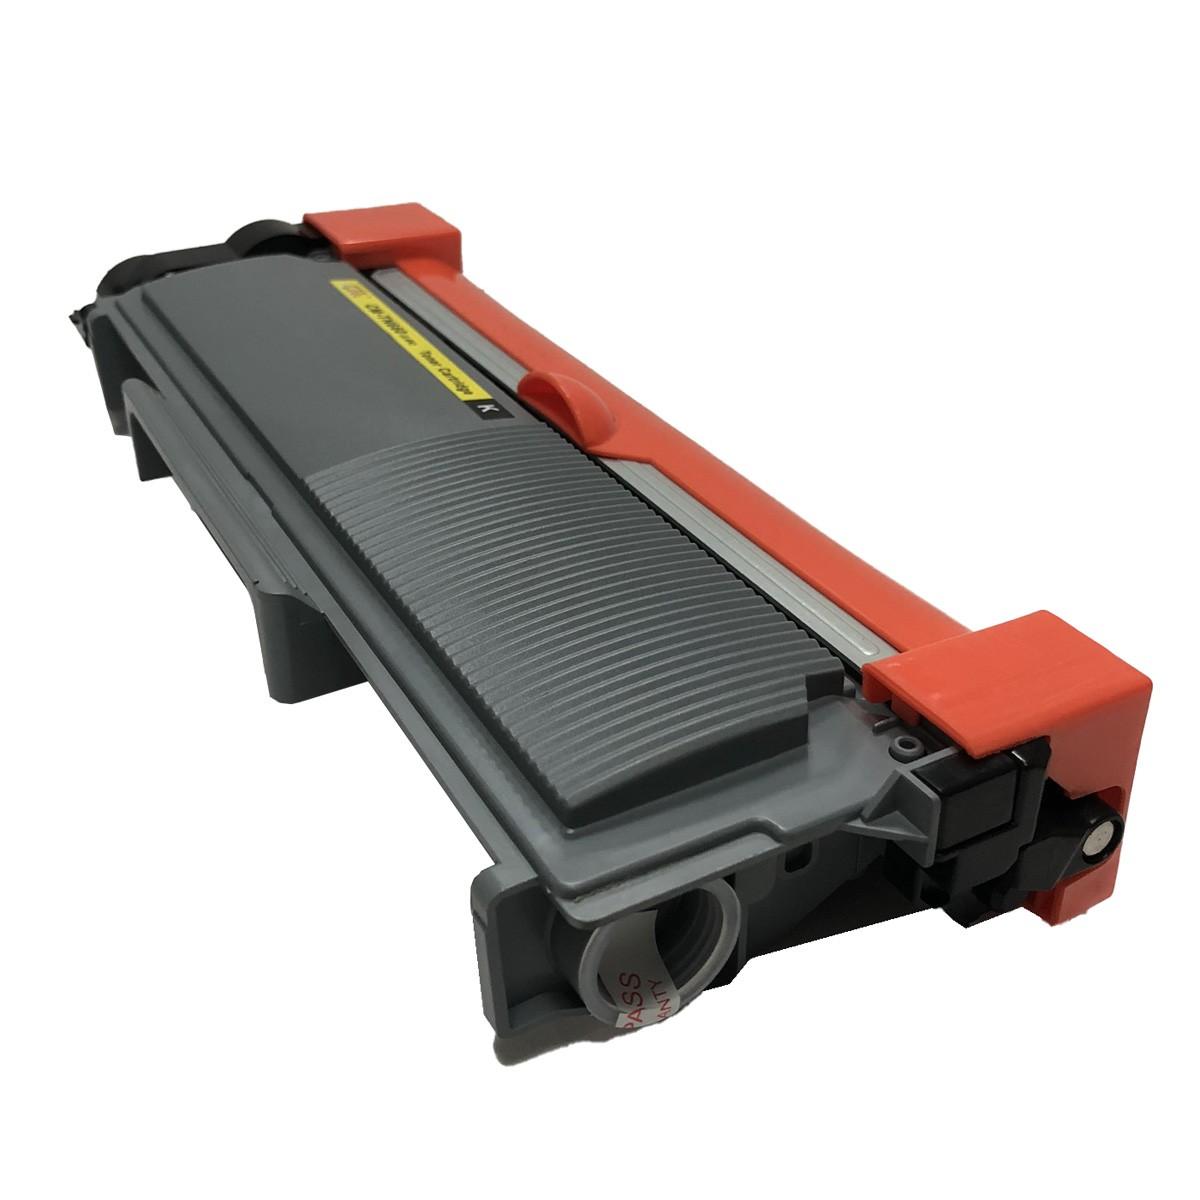 Toner Chinamate TN660 Compatível com L2320 2360 L2700 L2740 da Brother